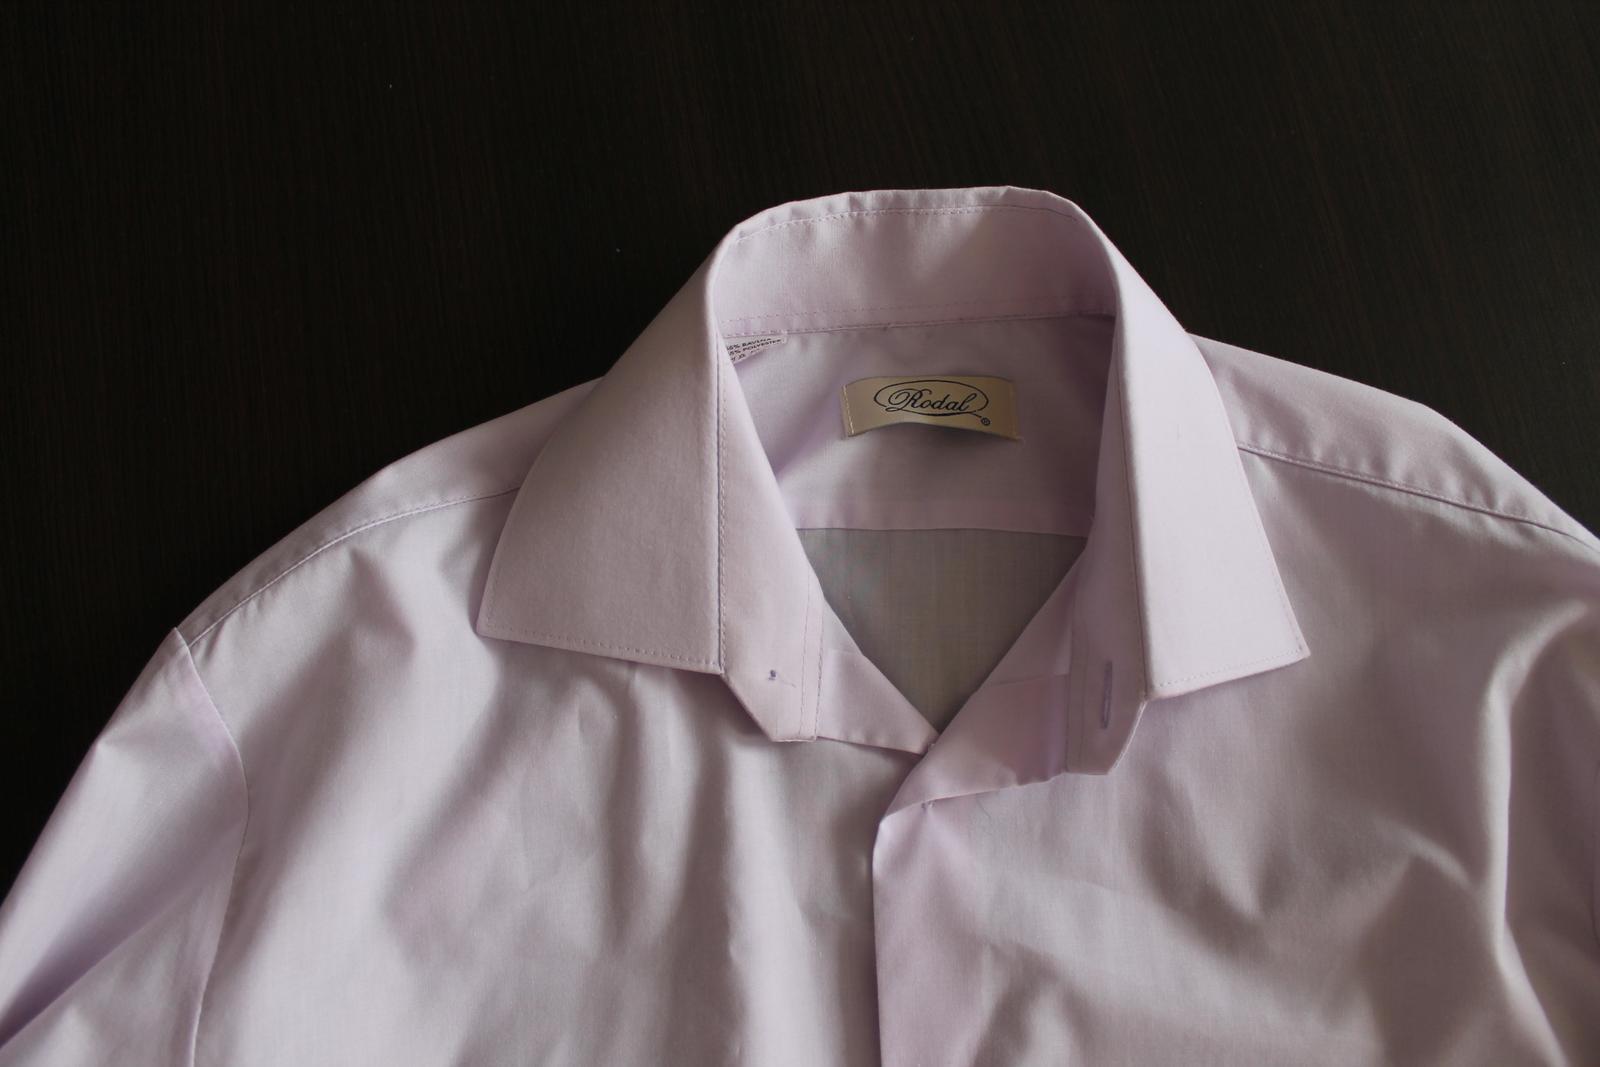 svetlofialová košeľa - Obrázok č. 2